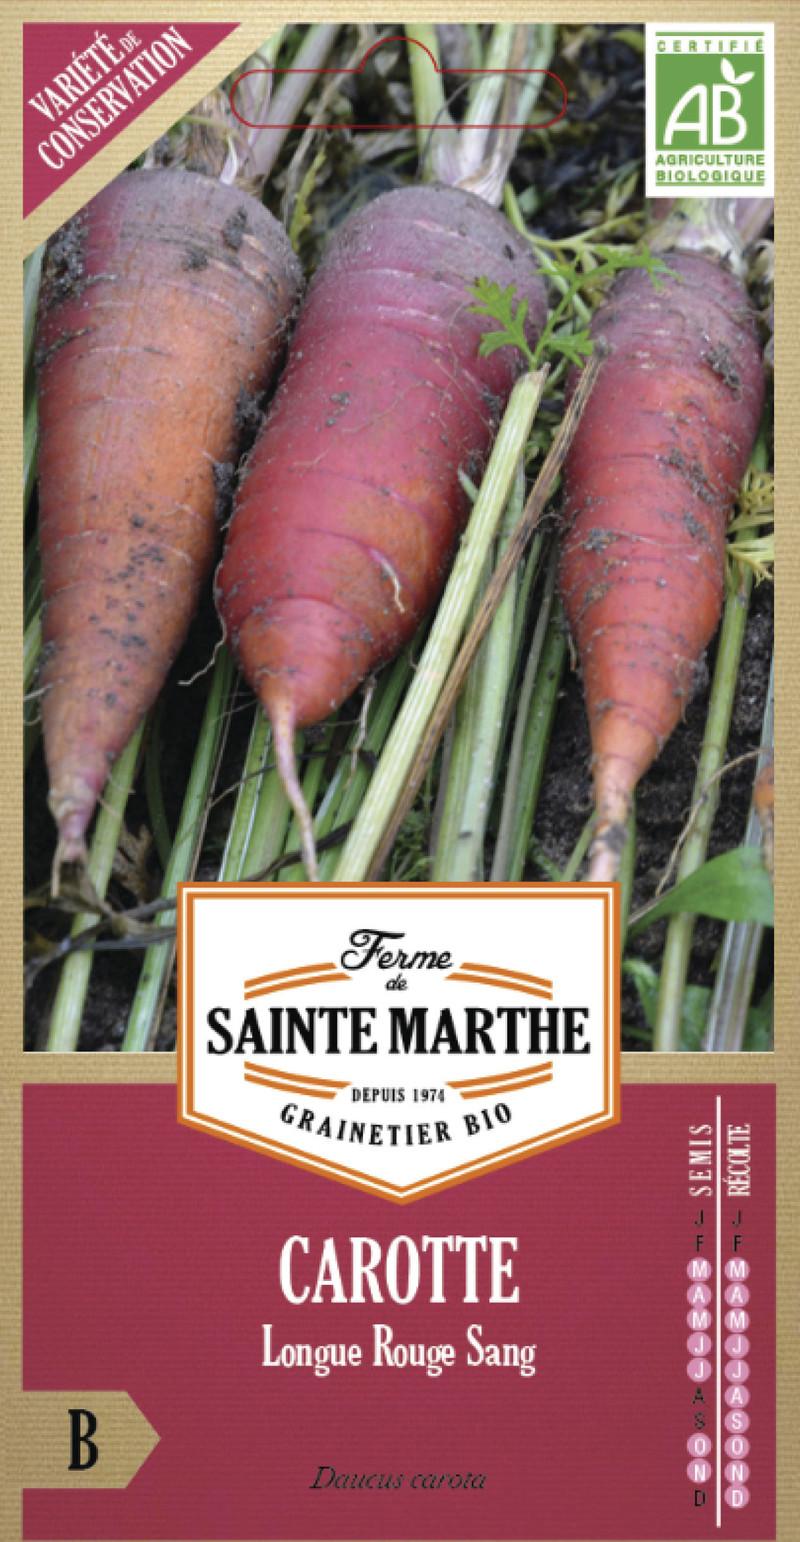 carotte longue rouge sang bio la ferme de sainte marthe graine semence potager sachet semis - Voir en grand